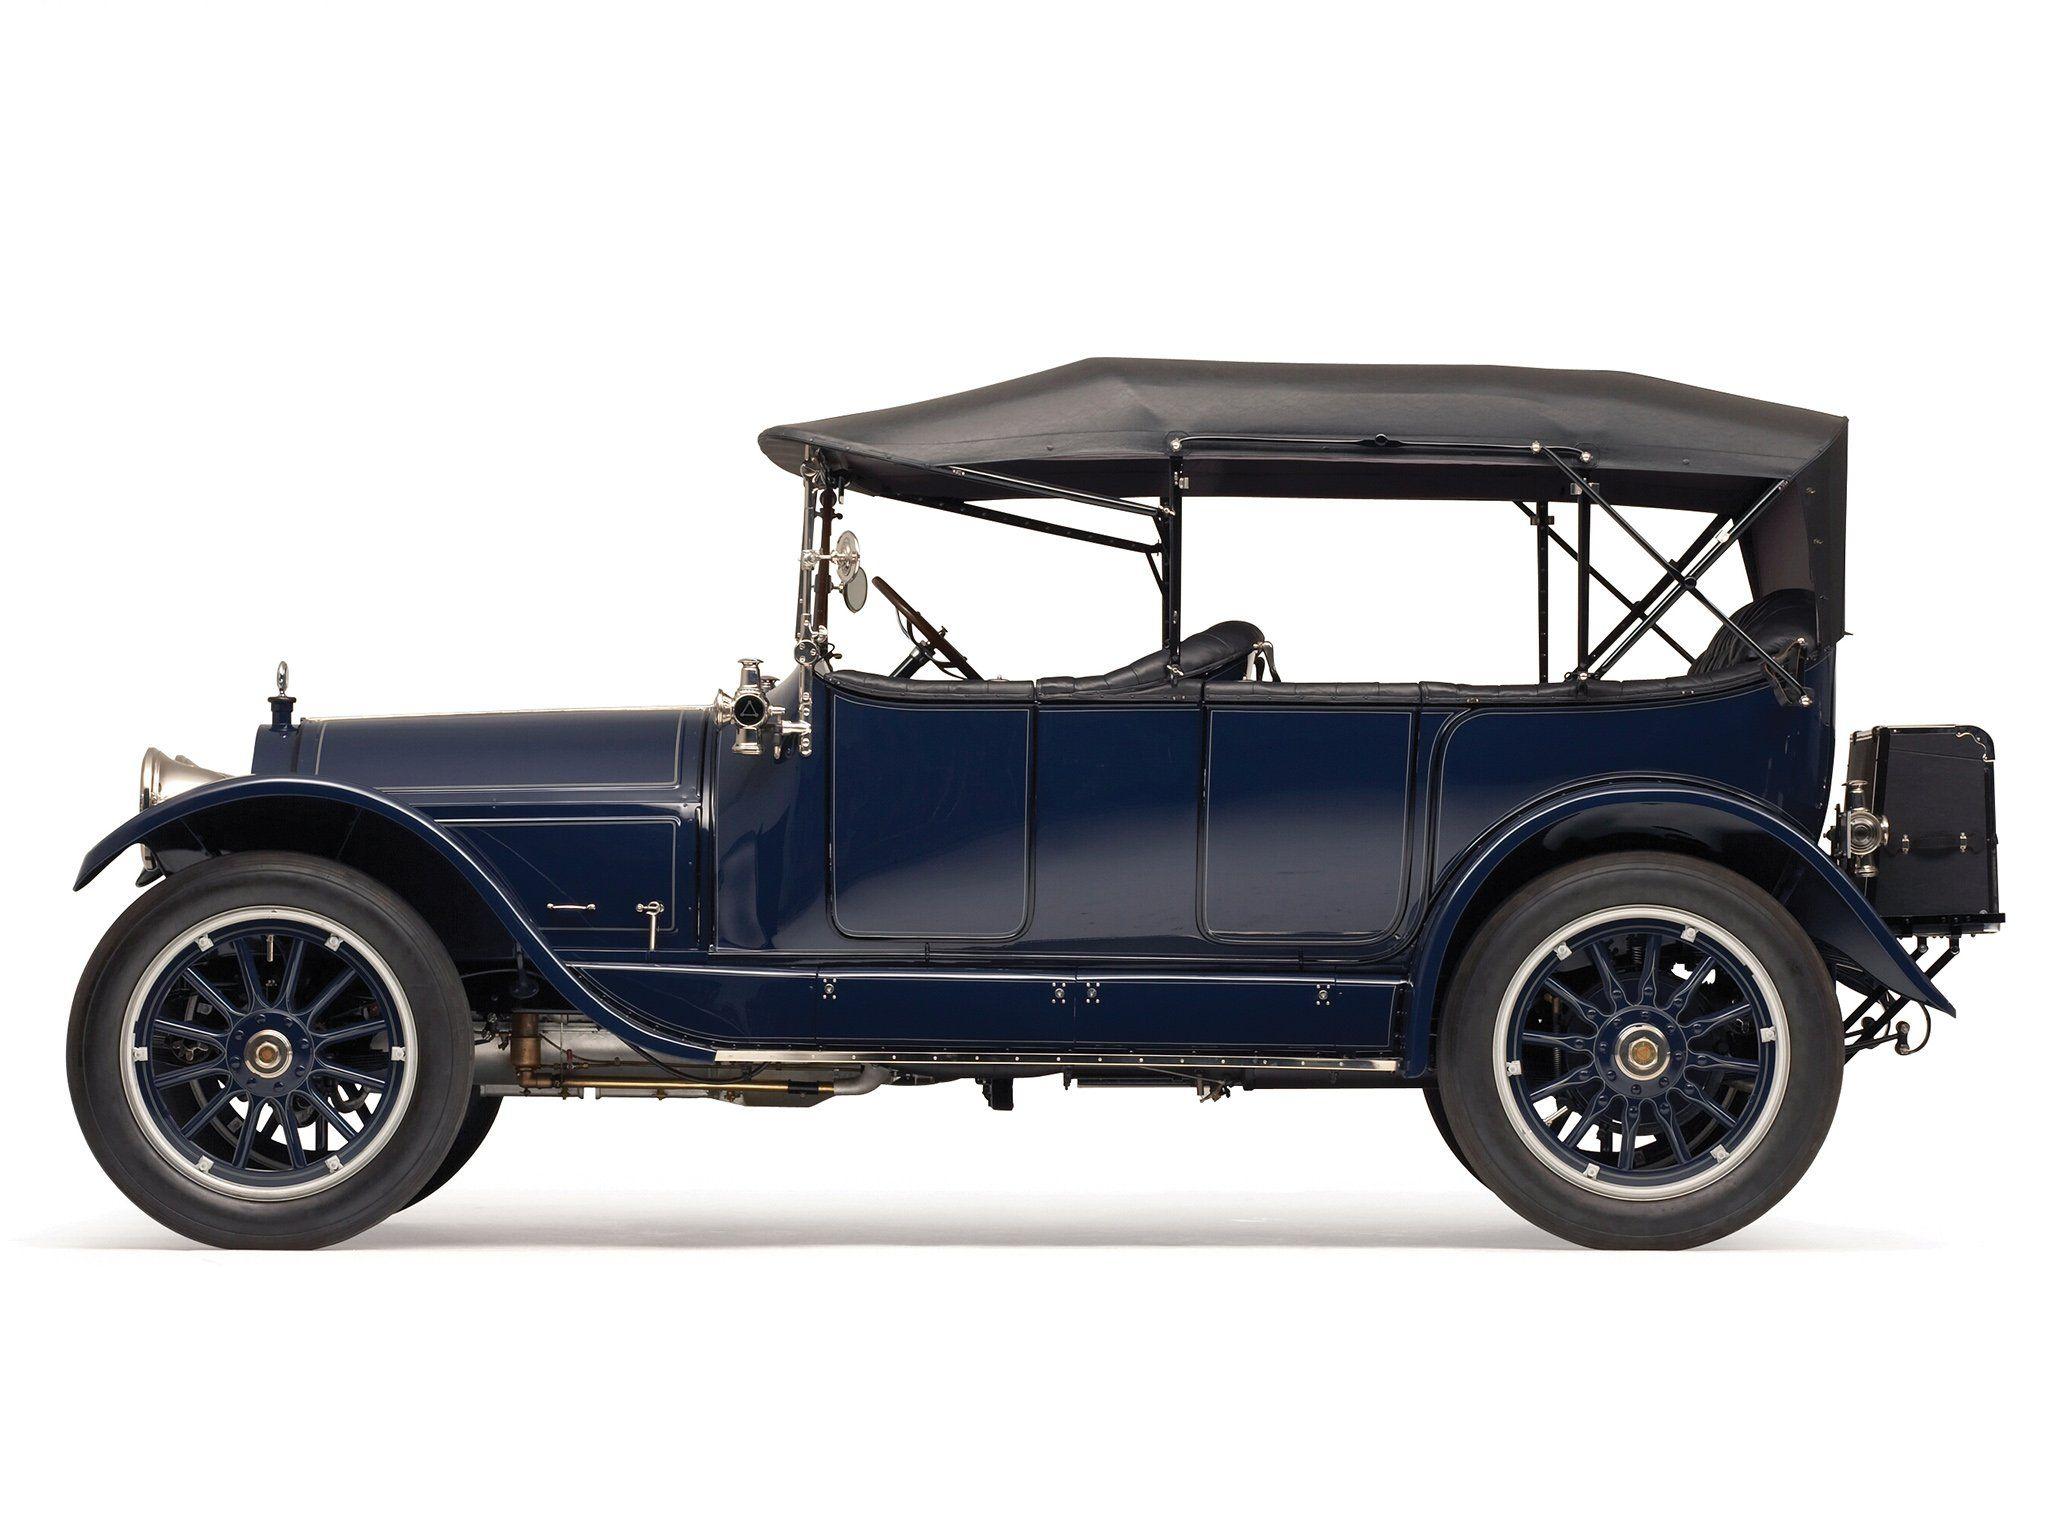 1913 stevens duryea model c5 passenger touring